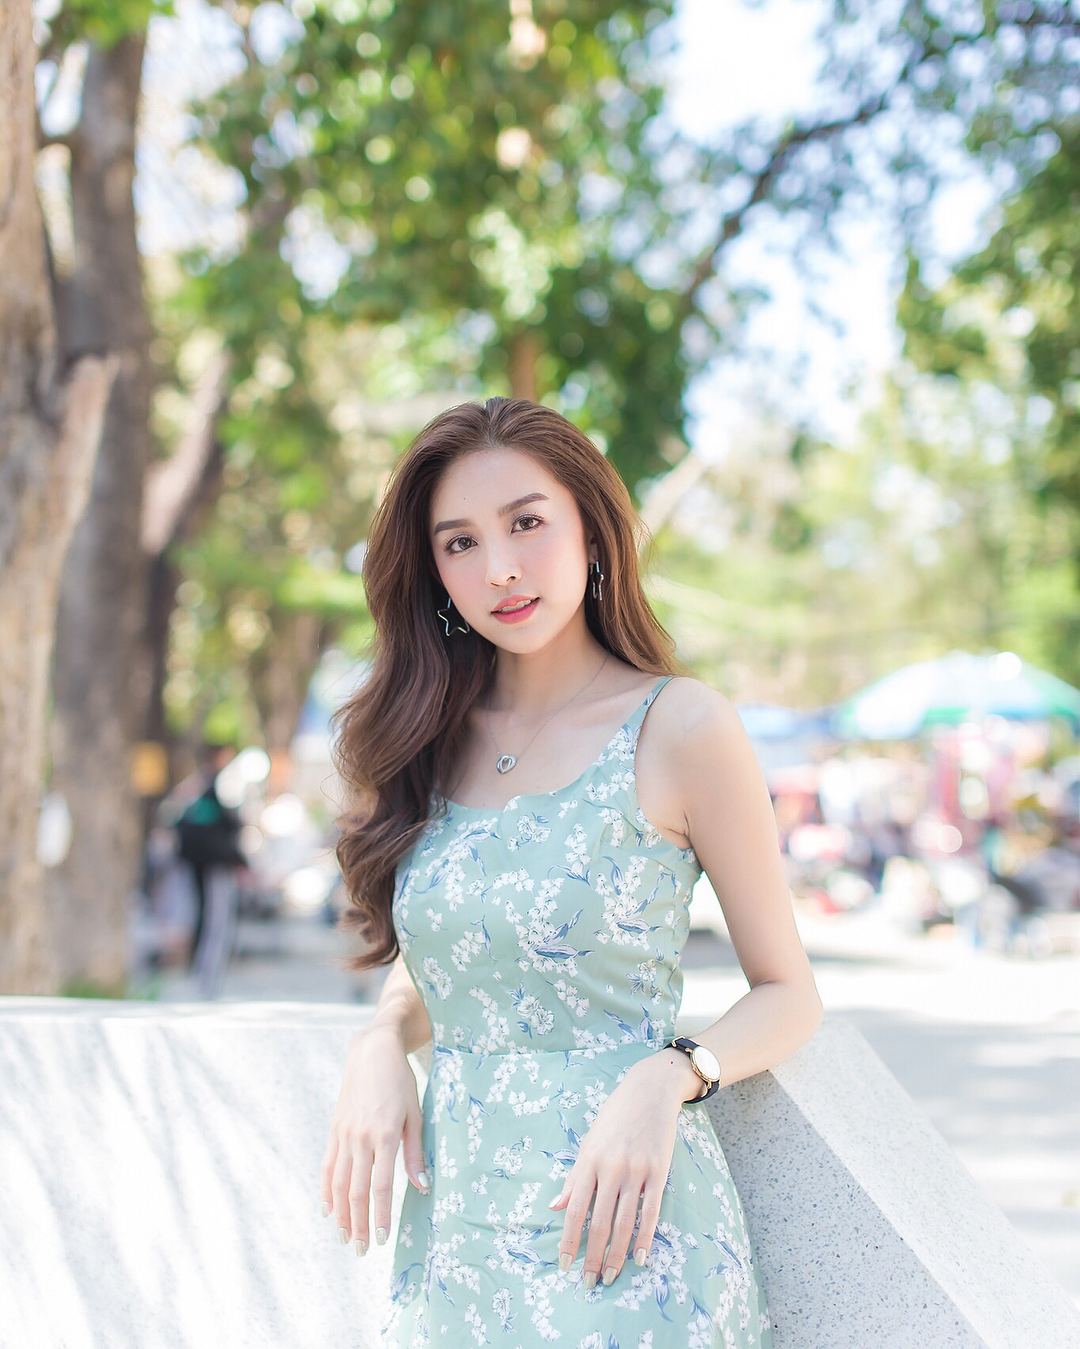 浅绿色印花连衣裙搭配玄色名表